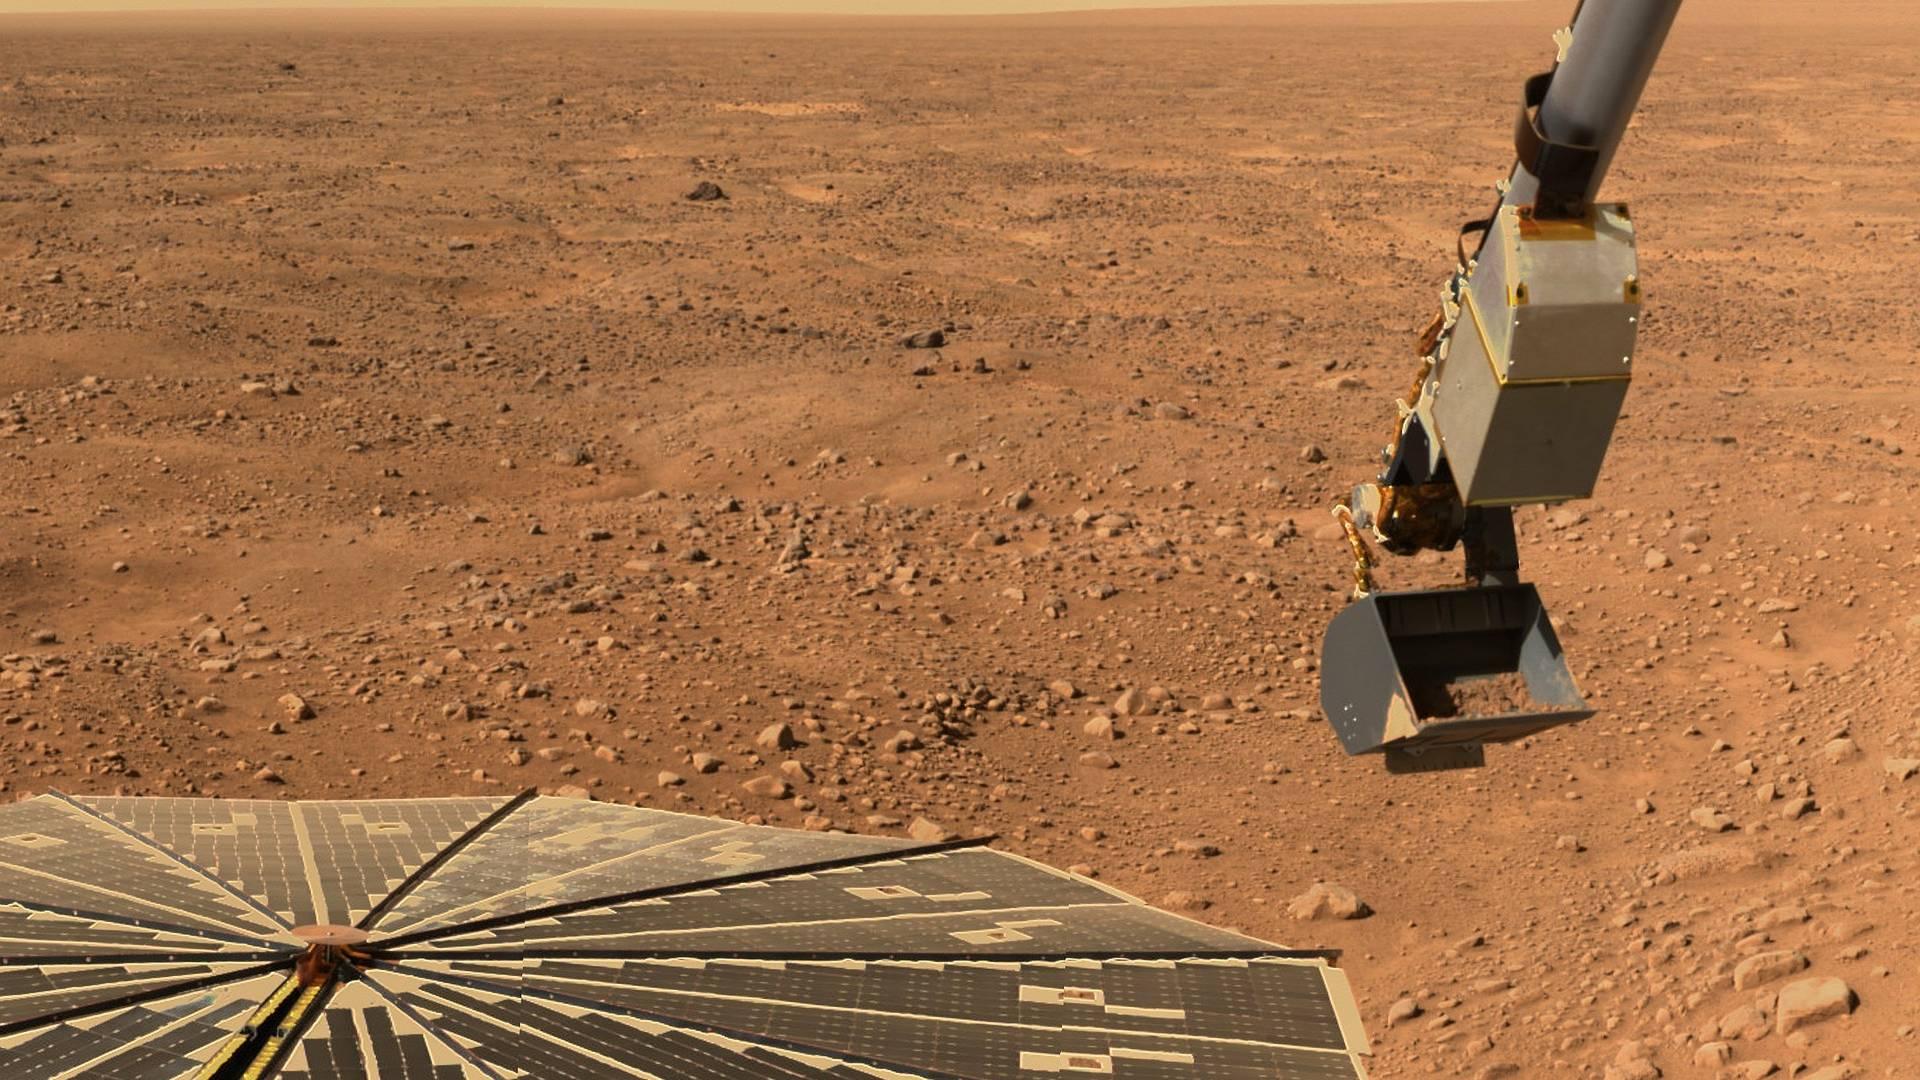 Gibt es wirklich Pilze auf dem Mars